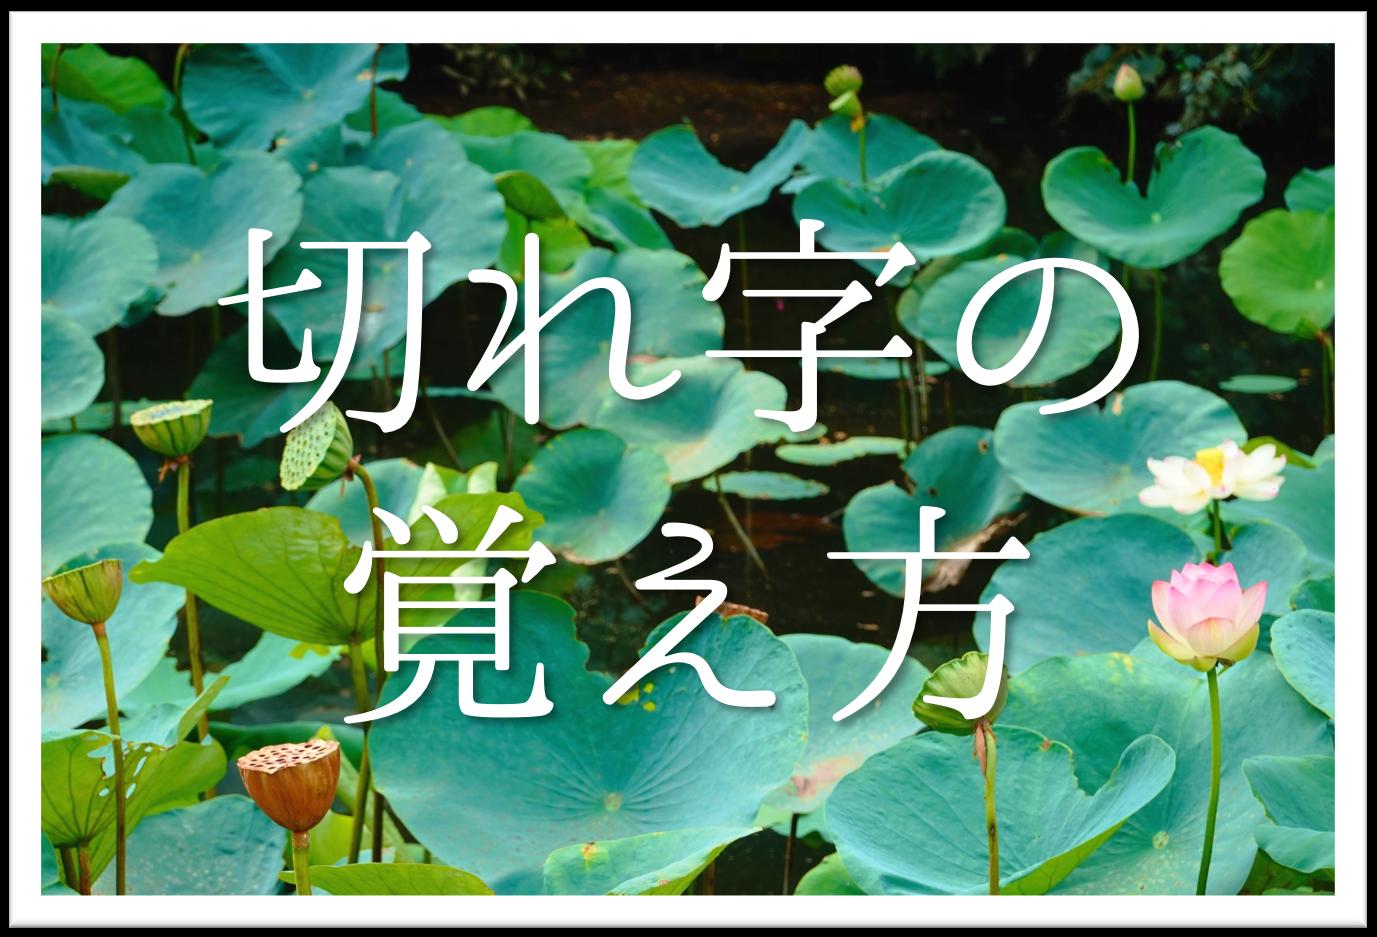 【俳句の切れ字の覚え方】簡単にわかりやすく解説!意味や効果・種類など